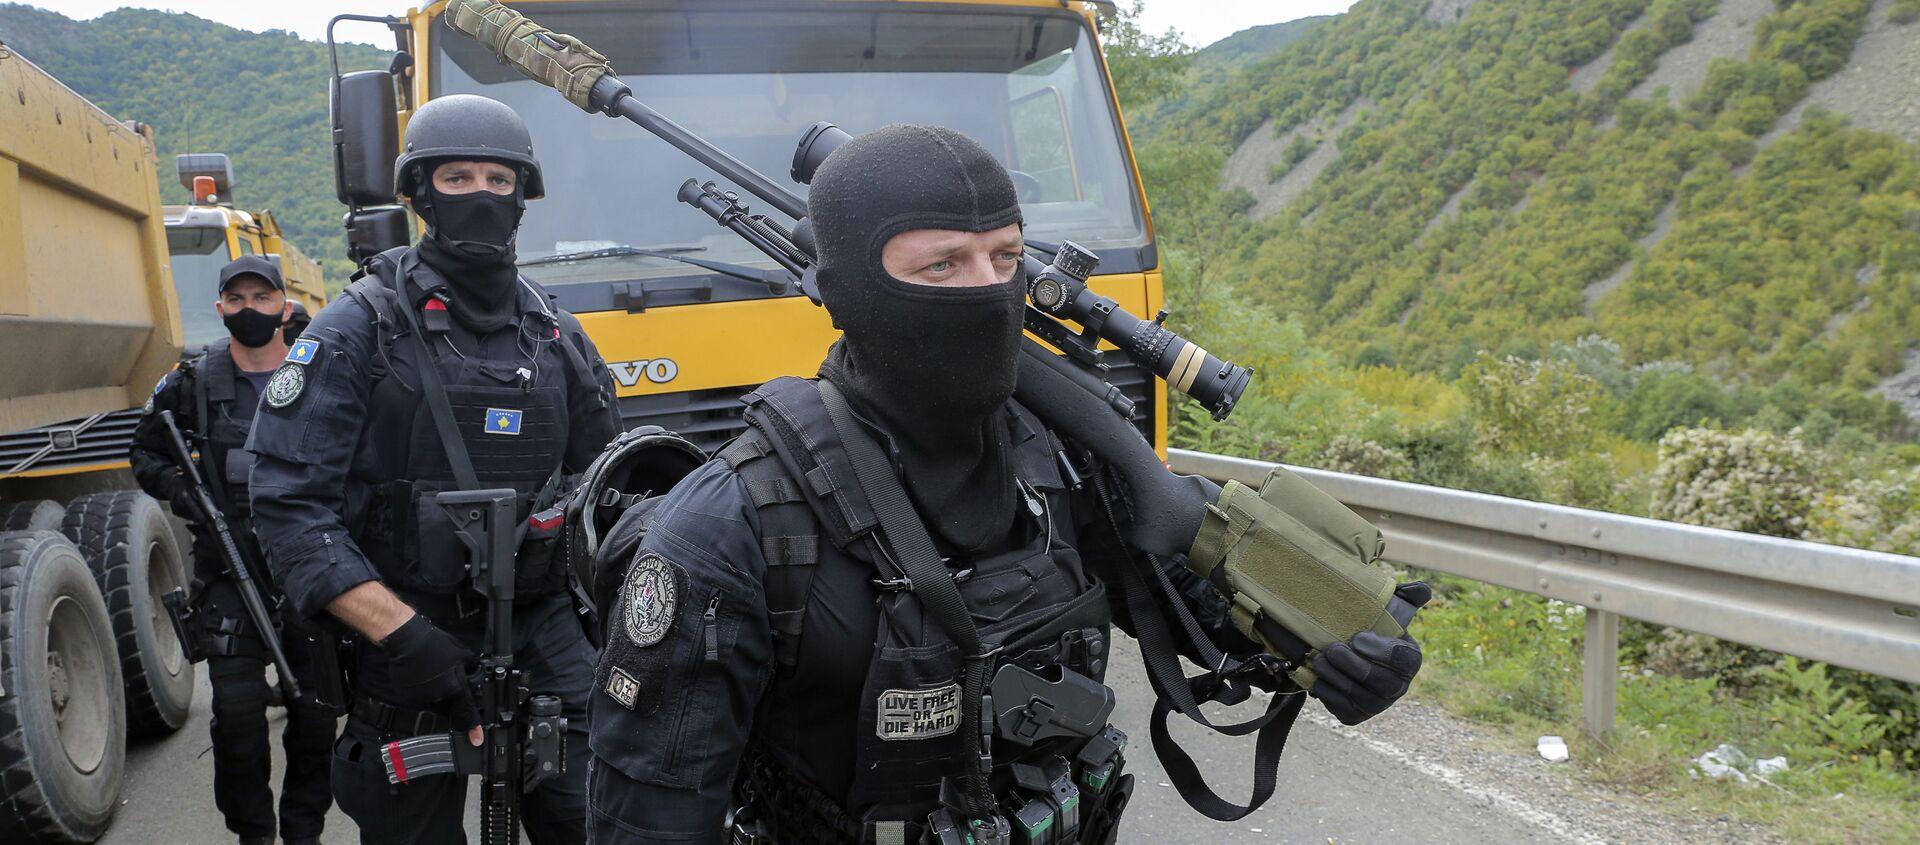 Во вторник, 21 сентября 2021 года, косовские полицейские идут на замену своим коллегам возле пограничного перехода Яринье на севере Косово - Sputnik Абхазия, 1920, 27.09.2021